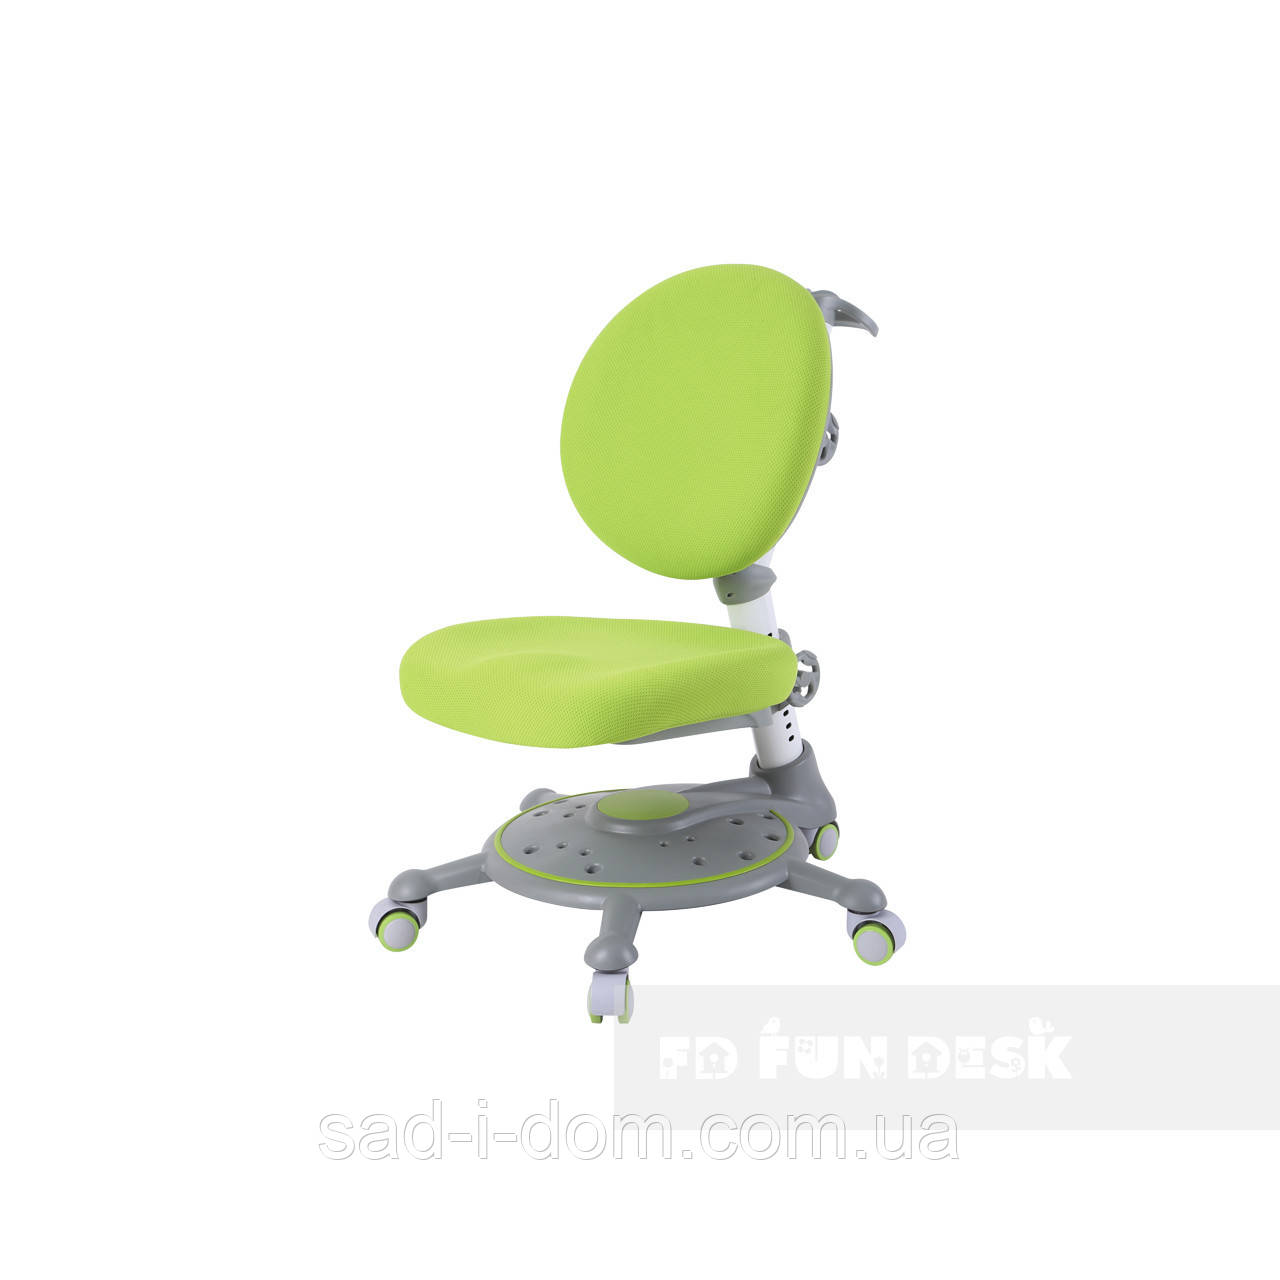 Детское компьютерное ортопедическое креслоFunDesk SST1, зеленый